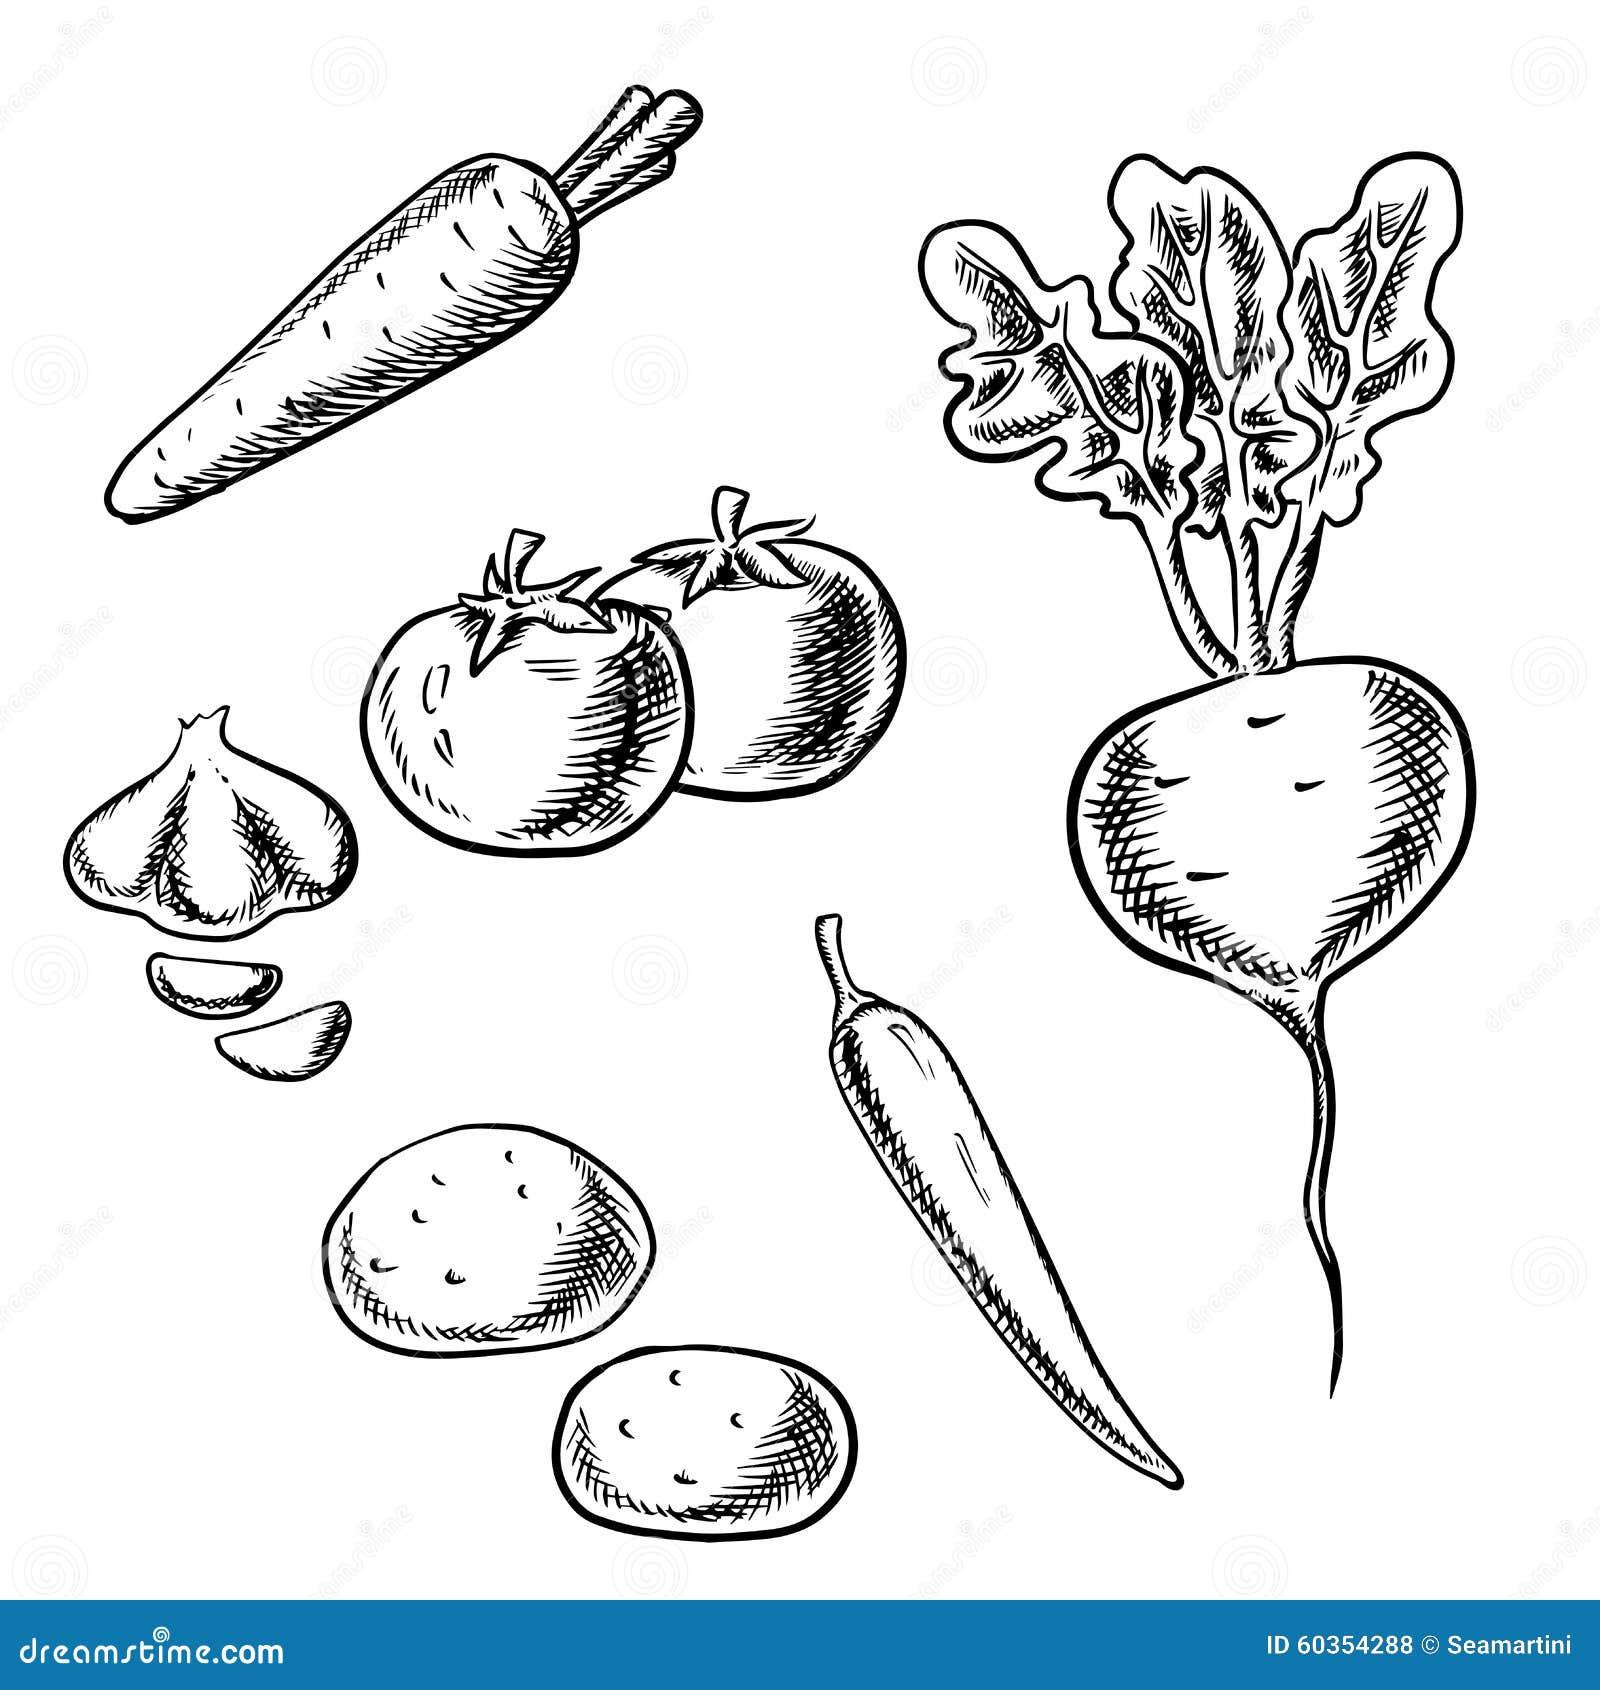 新鲜的健康红萝卜,蕃茄,甜菜,土豆,辣椒和在白色背景隔绝的大蒜菜图片